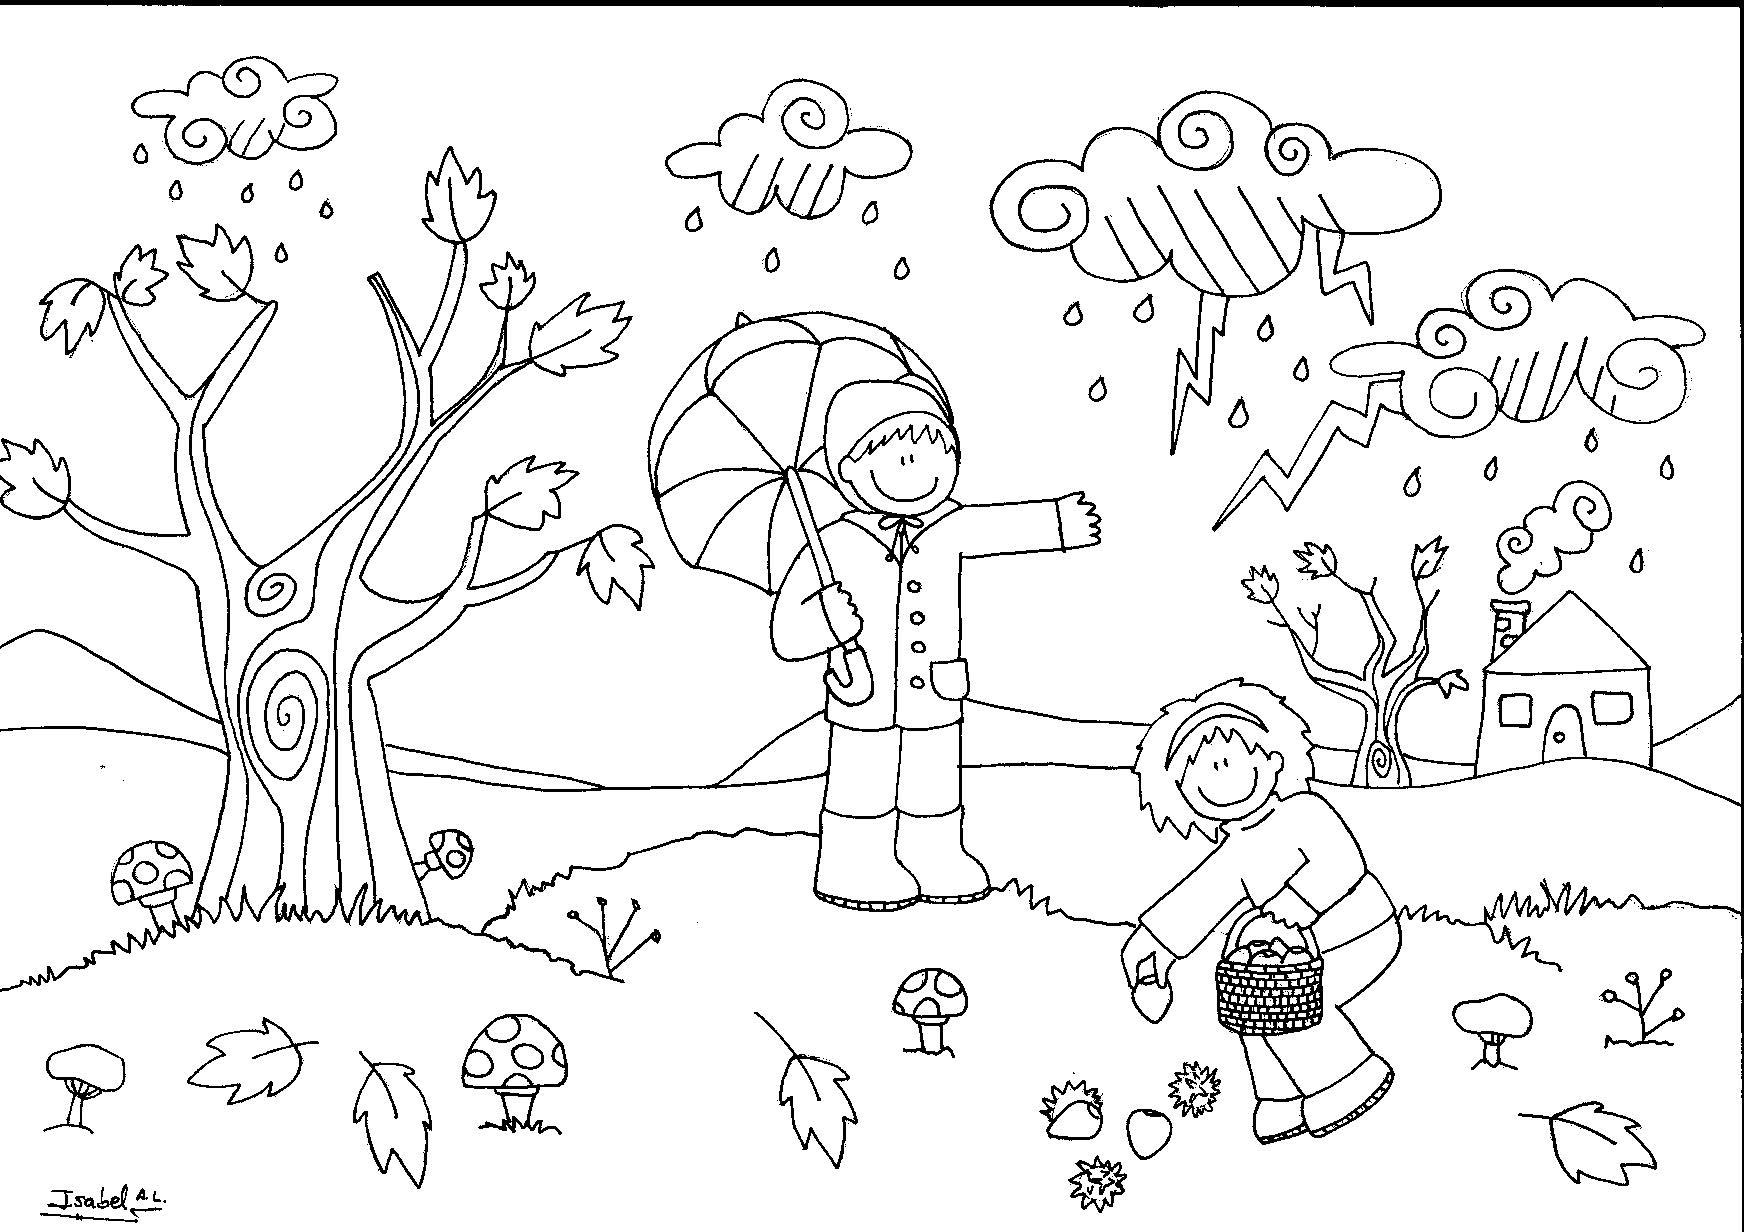 Dibujos Colorear Otono Infantil: Dibujo De Un Paisaje De Otoño Para Niños